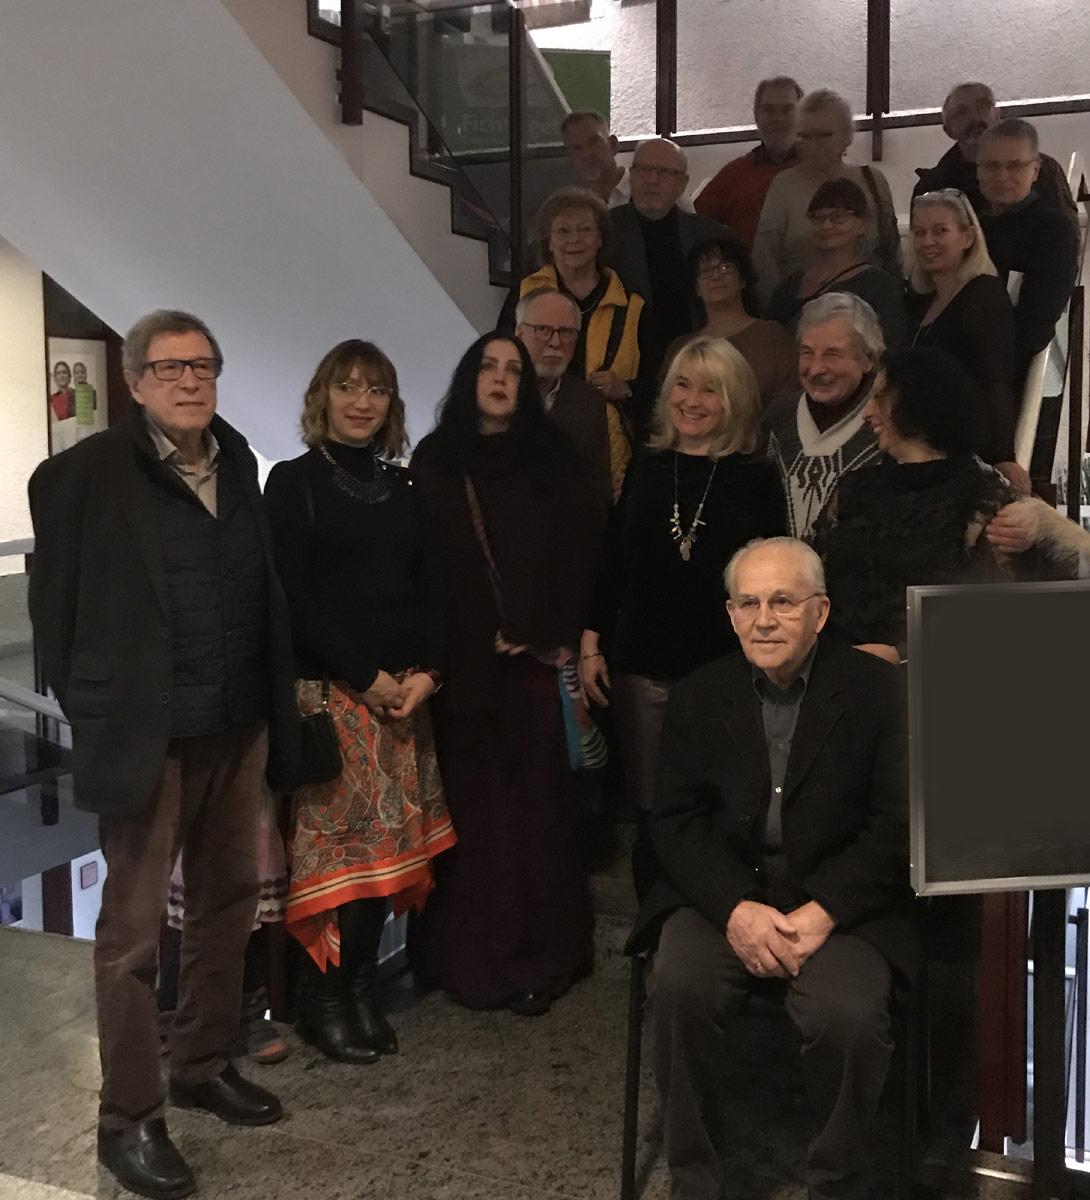 """Gruppenbild der anwesenden Künstler bei der Vernissage """"VIELFALT"""" am 16.01.20"""